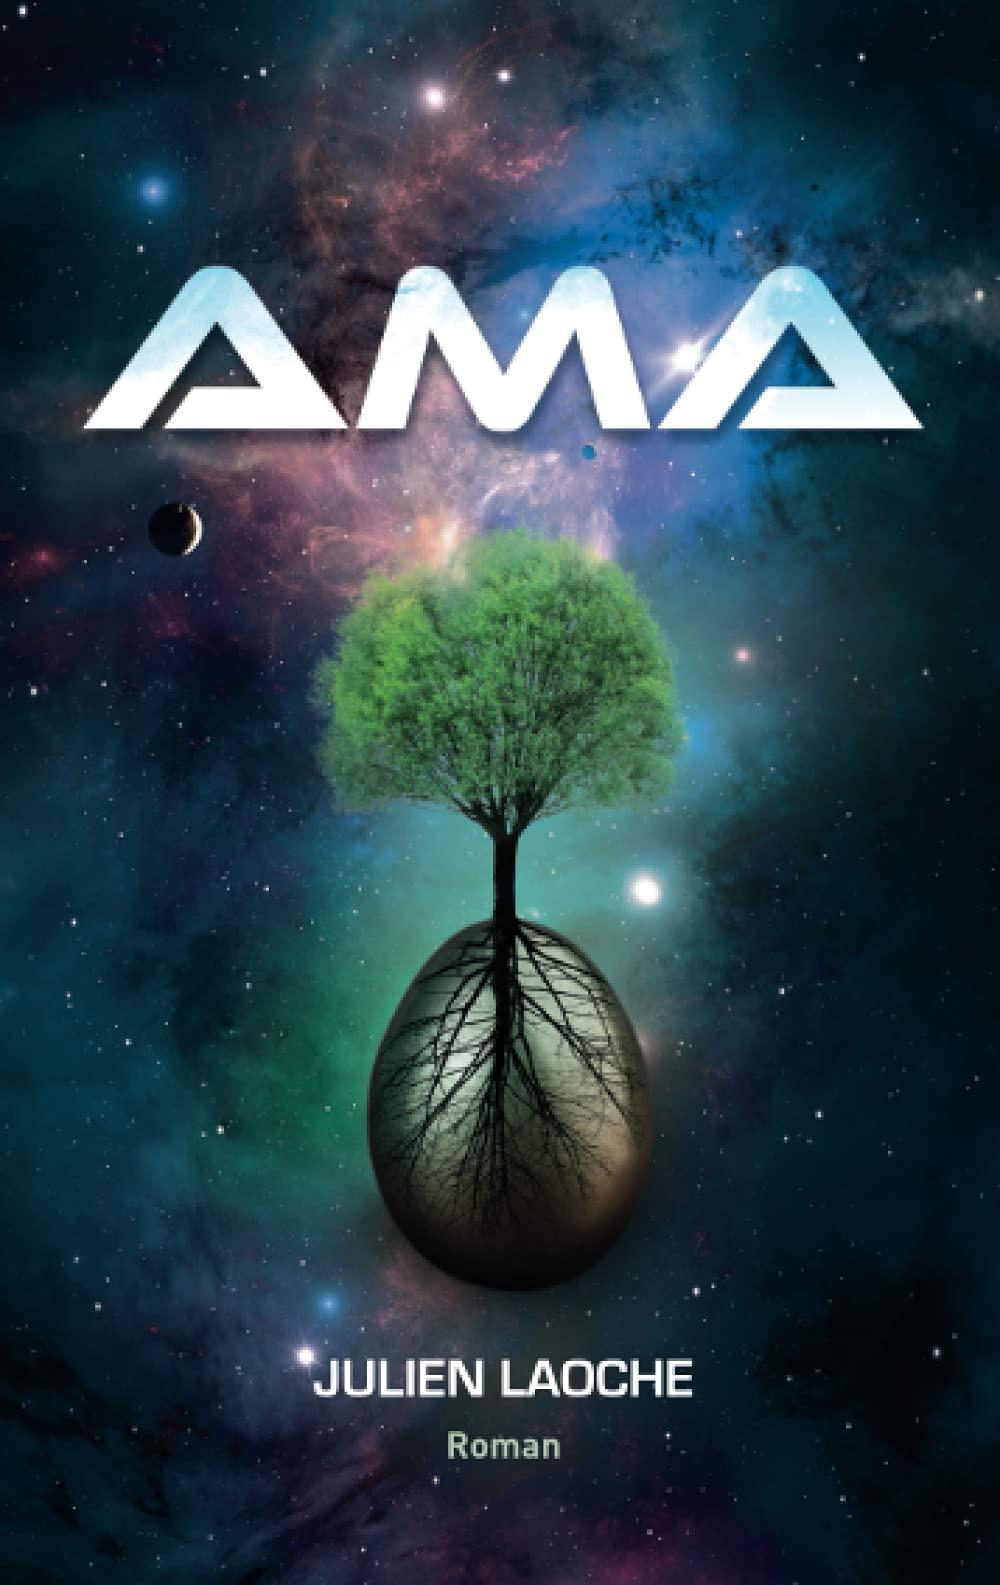 Couverture de Ama, de Julien Laoche